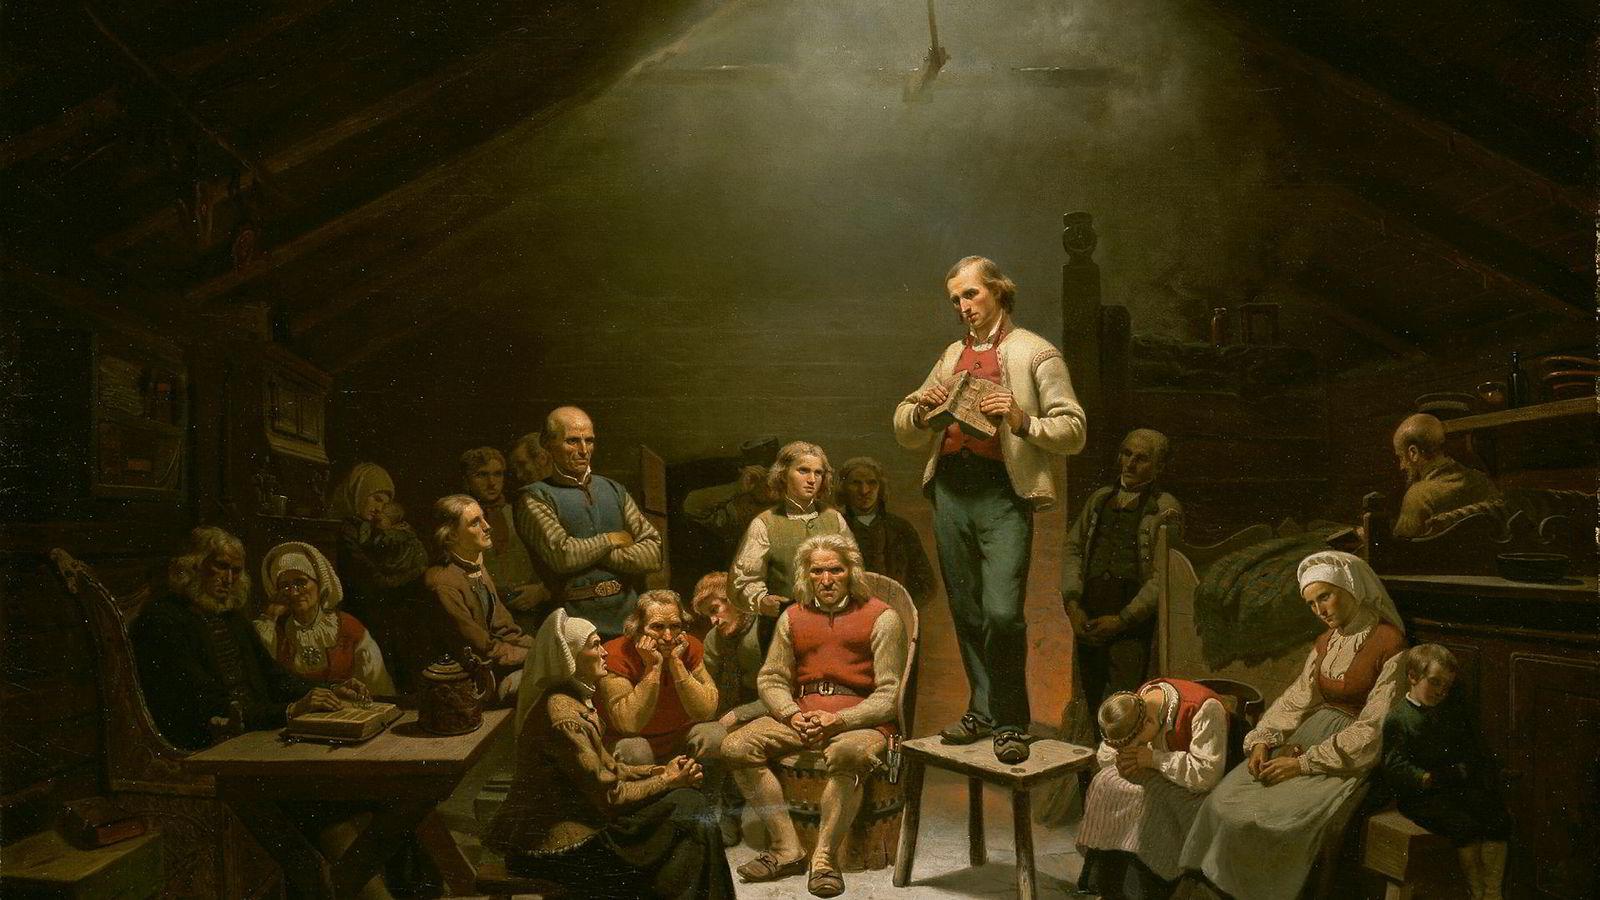 Maleriet «Haugianerne» av Adolph Tidemand «fra 1848 skildrer legmannsbevegelsen. Hverken Hans Nielsen Hauge eller Kjell Ingolf Ropstad var til stede da bildet ble malt.